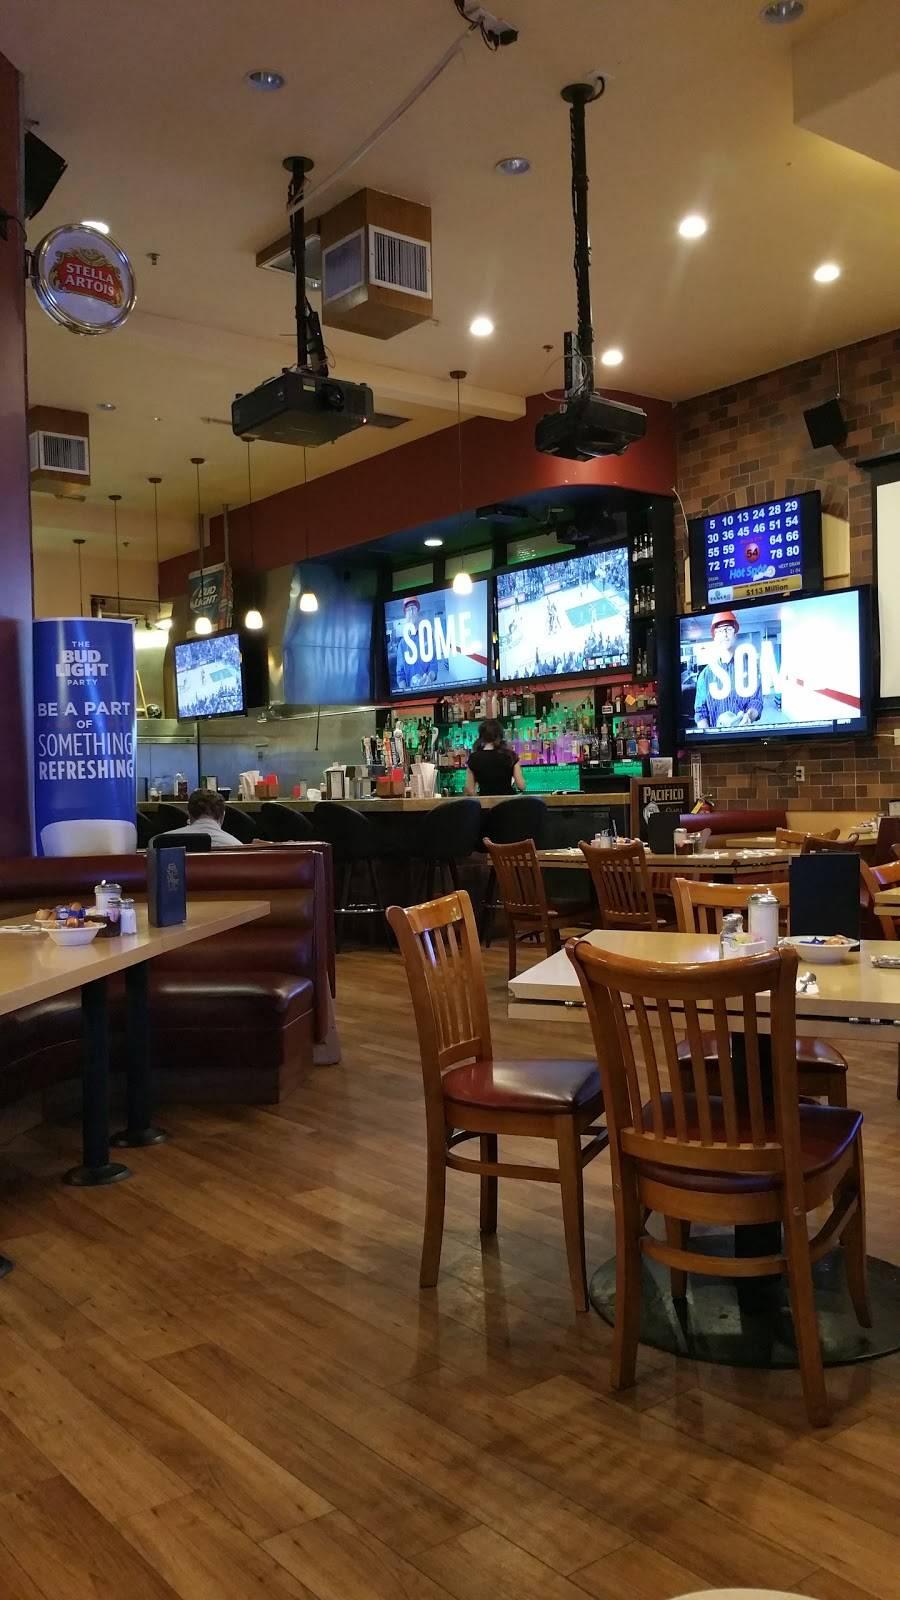 Salt & Pepper Family Restaurant | restaurant | 1849 W Orangethorpe Ave, Fullerton, CA 92833, USA | 7148718650 OR +1 714-871-8650